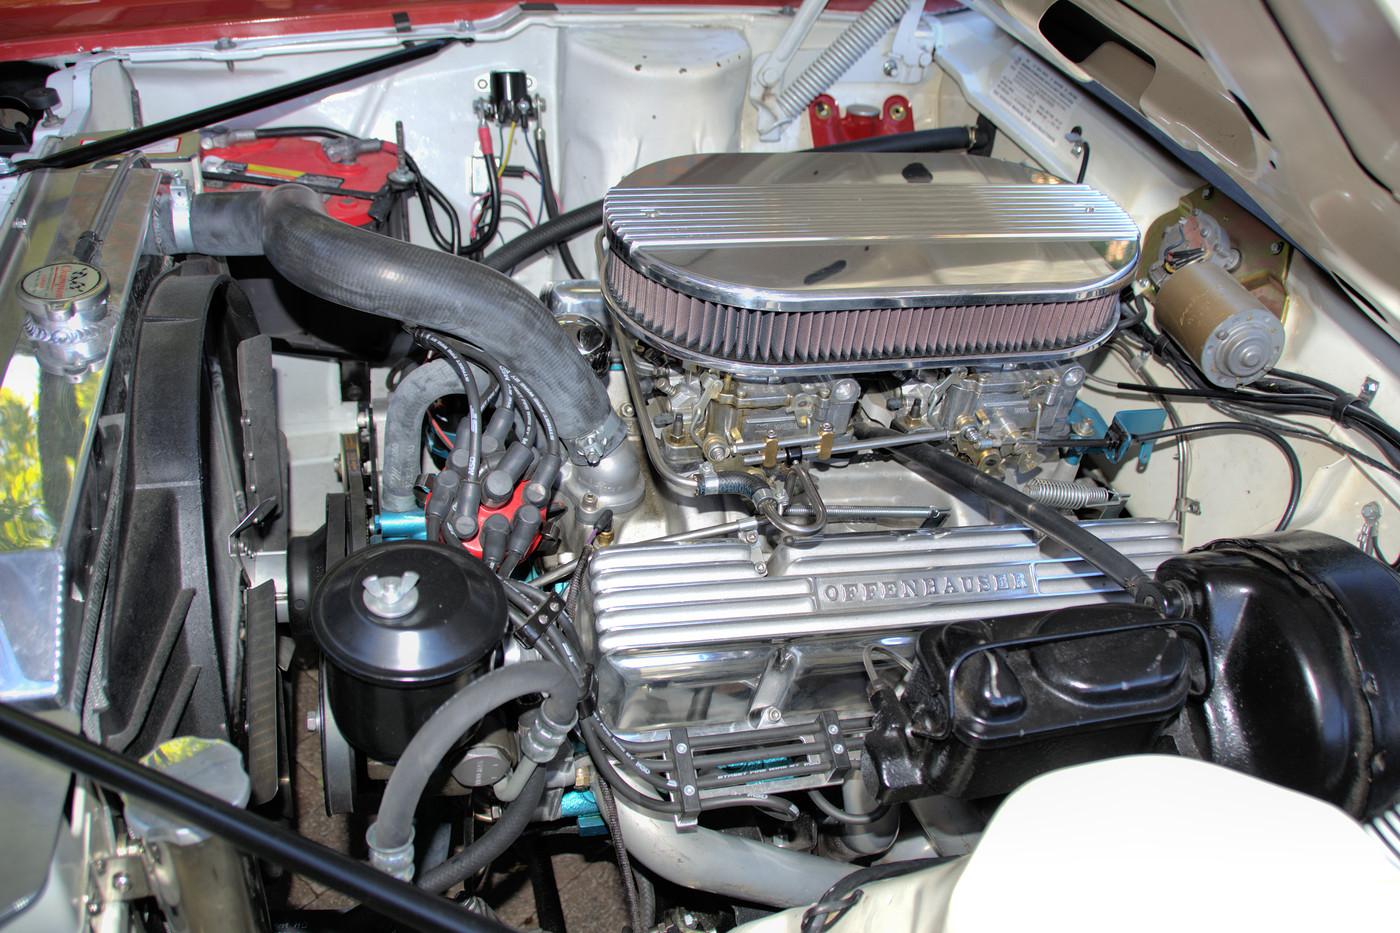 DSC 0539 -1